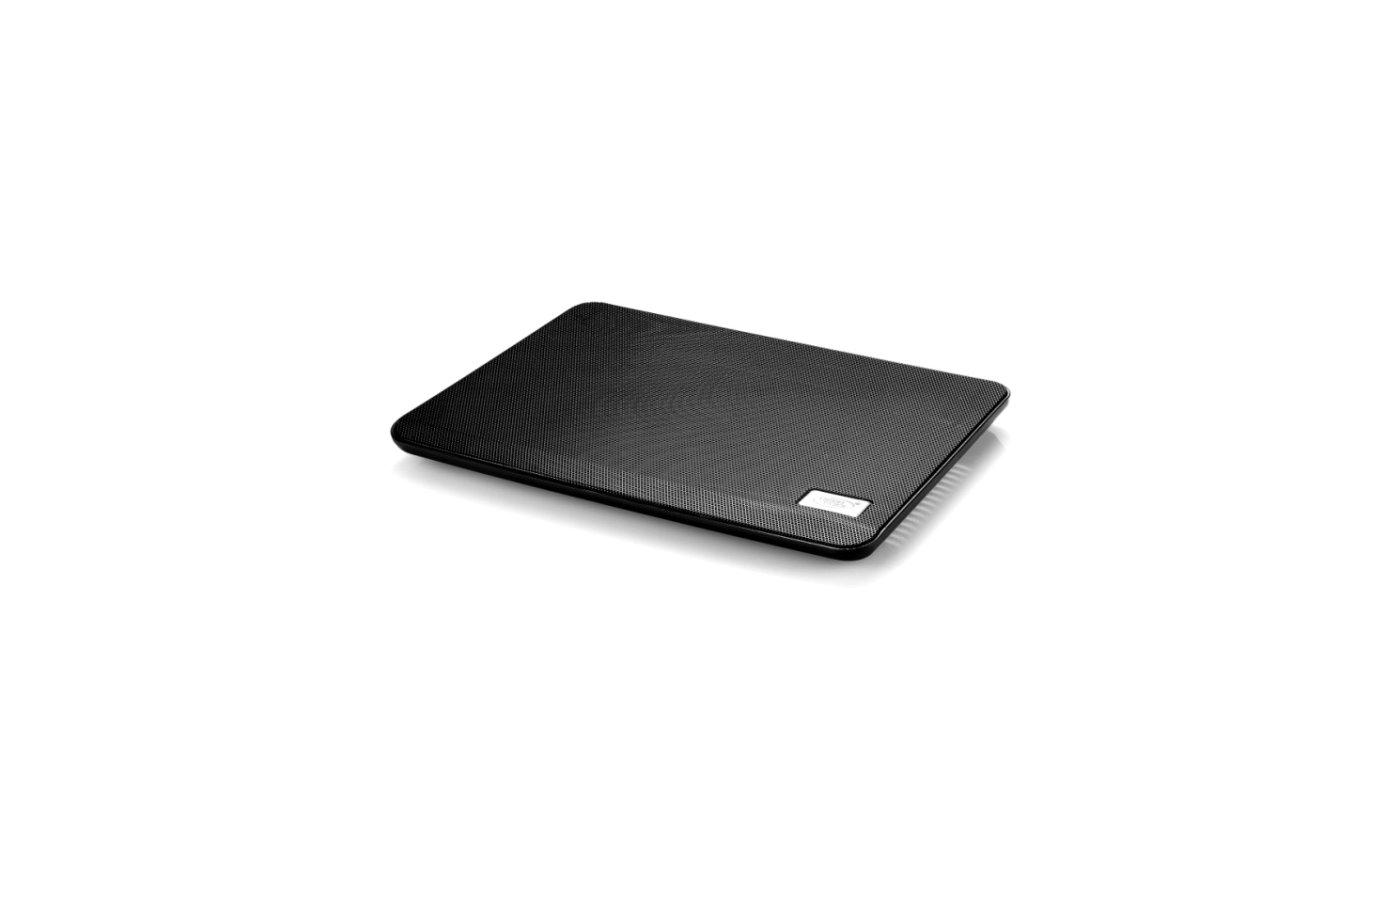 """Подставка для ноутбука Deepcool N17 BLACK 14"""" 330x250x25mm 21dB 1xUSB 465g Black"""